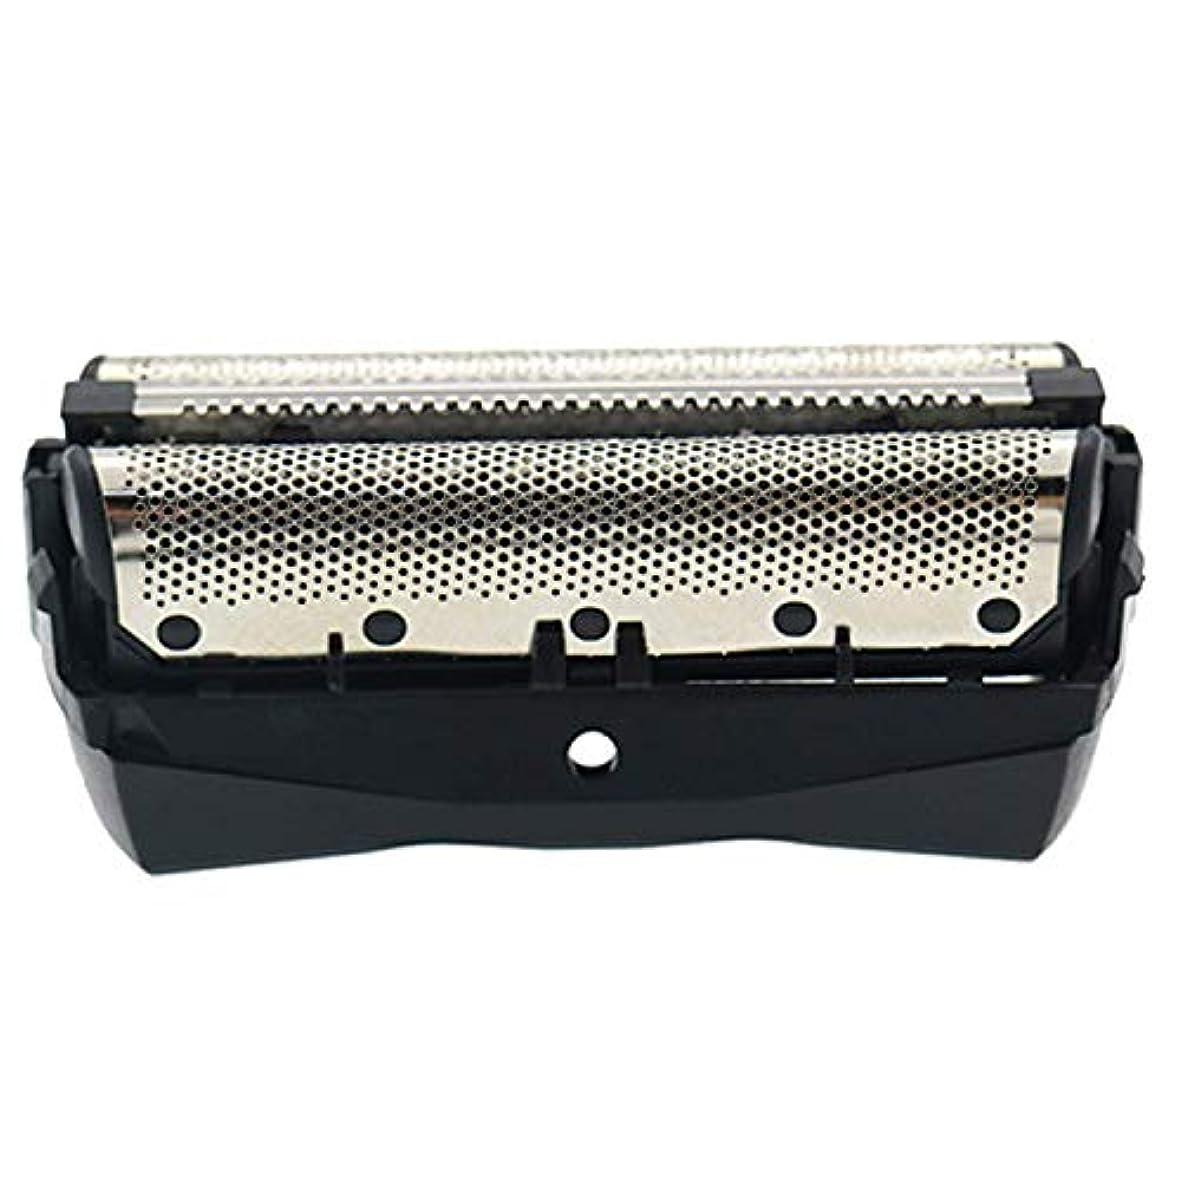 楽観疲れた拡散するVINFANY メンズシェーバー用替刃(外刃) 適用する フィリップスQC5550用交換シェーバーフォイル/カッターユニットシェーバーヘッドQC5580メンズトリマー用回転ブレード